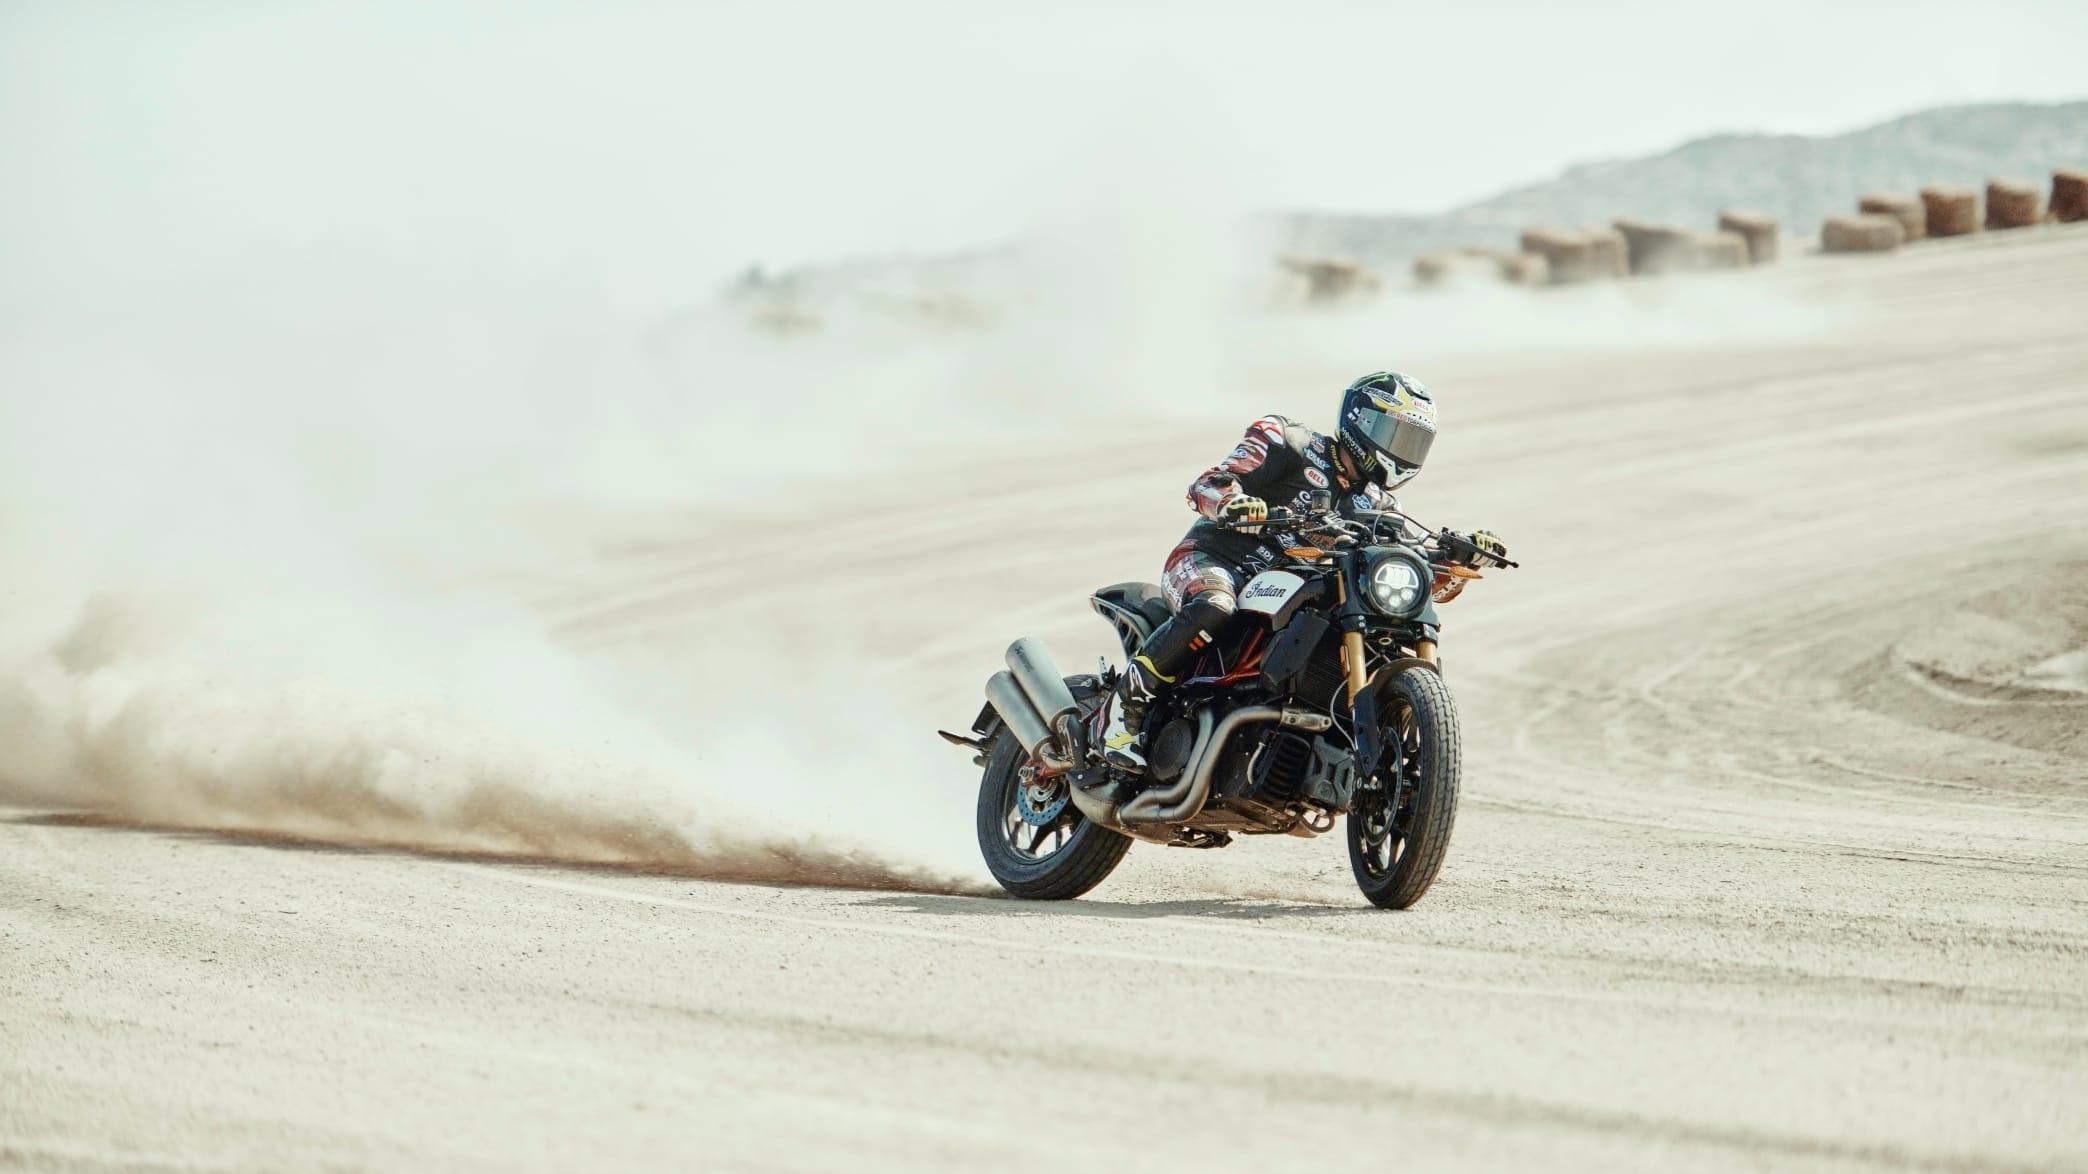 FTR 1200 S Motorrad fahrend im Gelände